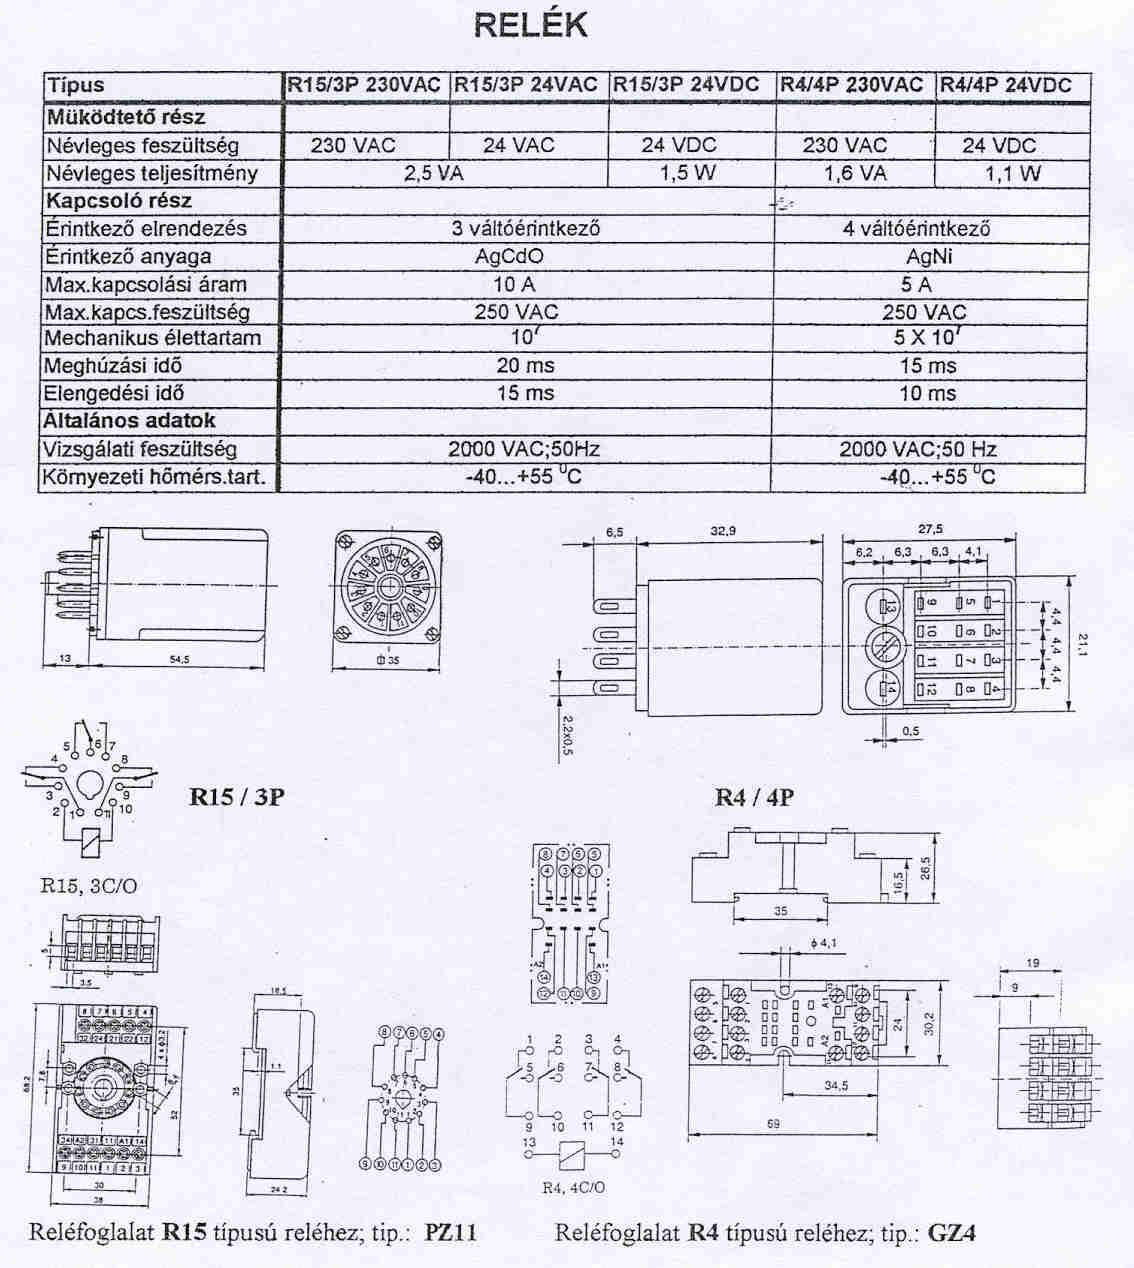 R15/3P relé Működtető rész: 230VAC/DC, 110VAC/DC, 24VAC/DC, 12VAC/DC Kapcsoló rész: 250VAC, 10A, 3 váltó érintkező Vizsgálati feszültség: 2000VAC, 50Hz PZ11 relé foglalat R15/3P reléhez